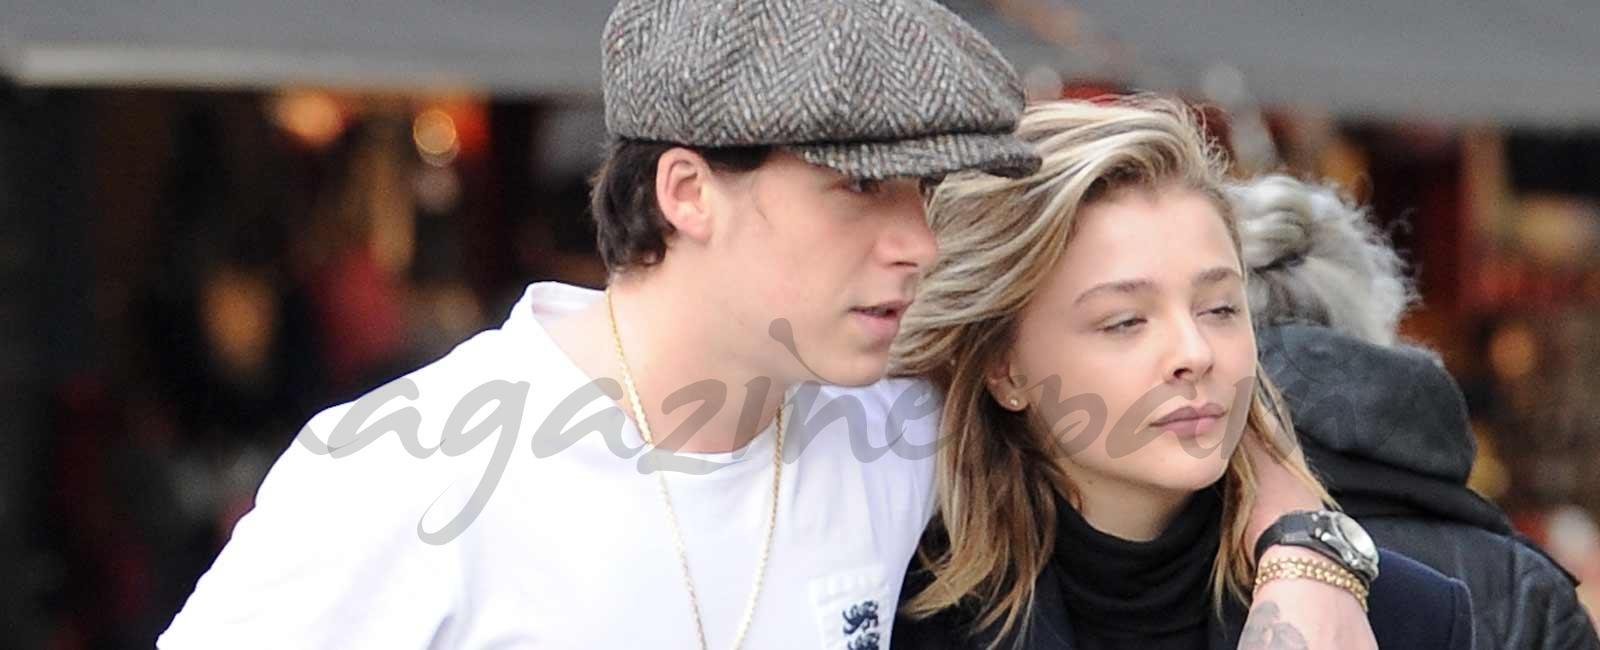 Brooklyn Beckham y Chloë Moretz, lección de estilo en Notting Hill